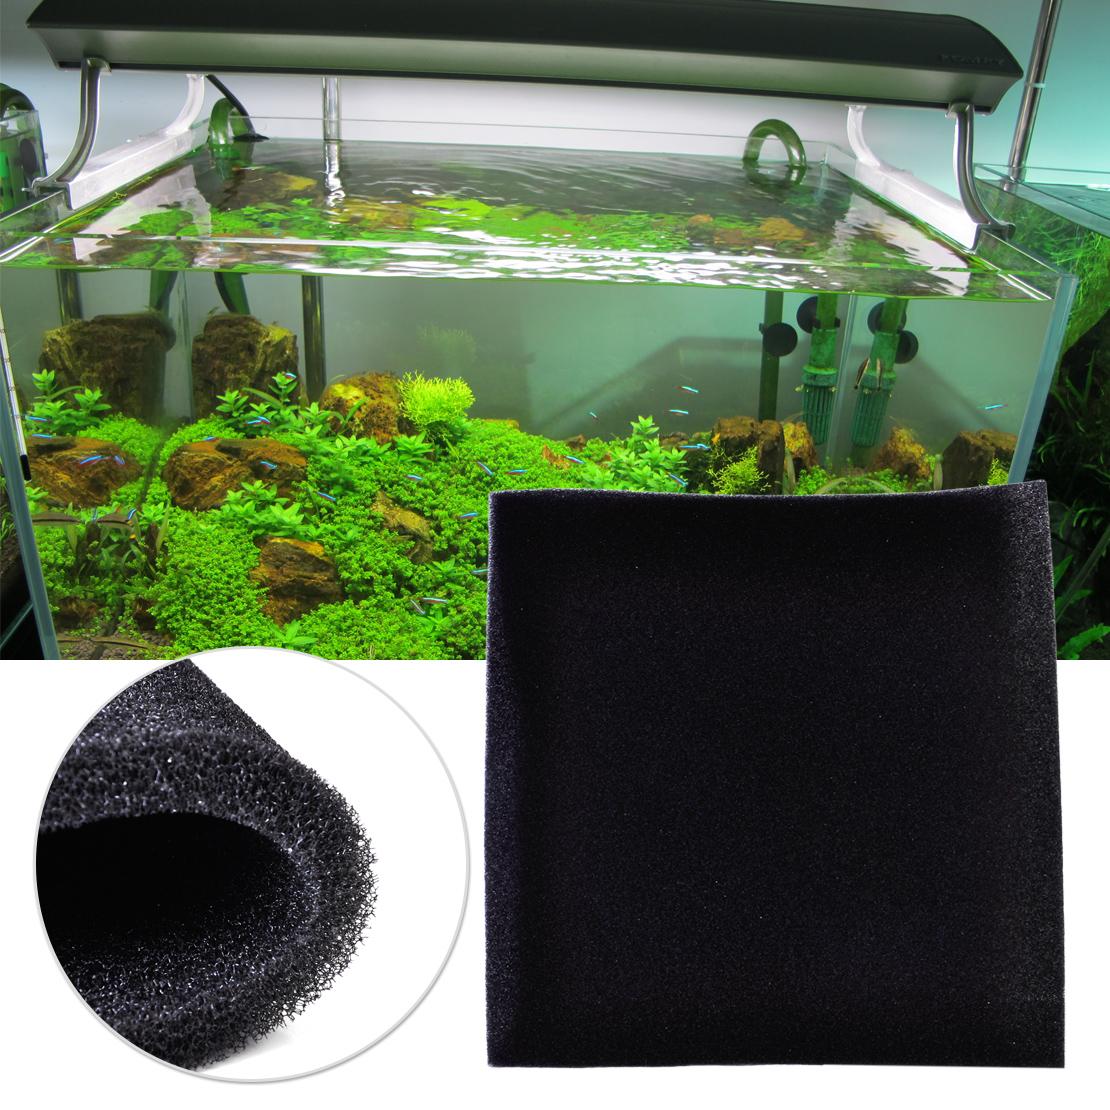 Filtermatte filter schwamm filterschaum teich aquarium for Aquarium teich